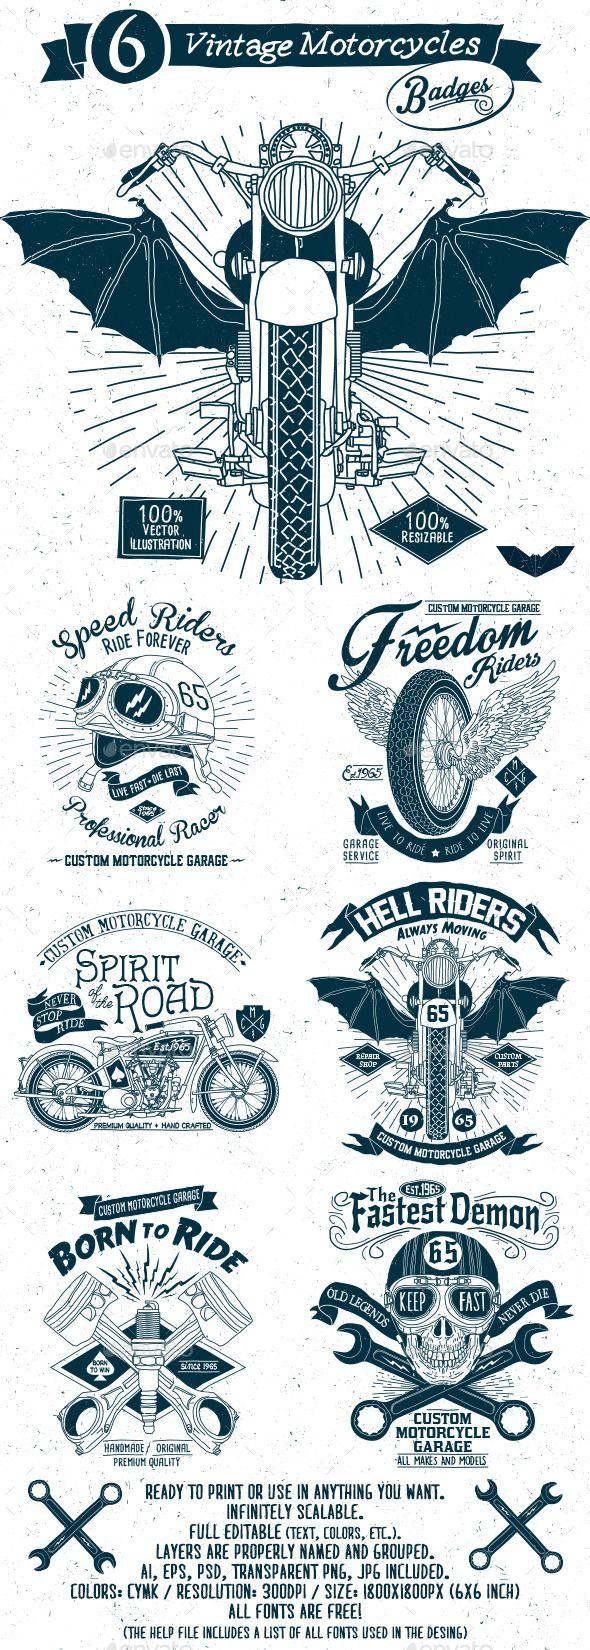 6 Vintage Motorcycles Badges Motorcycle Illustration Vintage Motorcycles Motorcycle Design